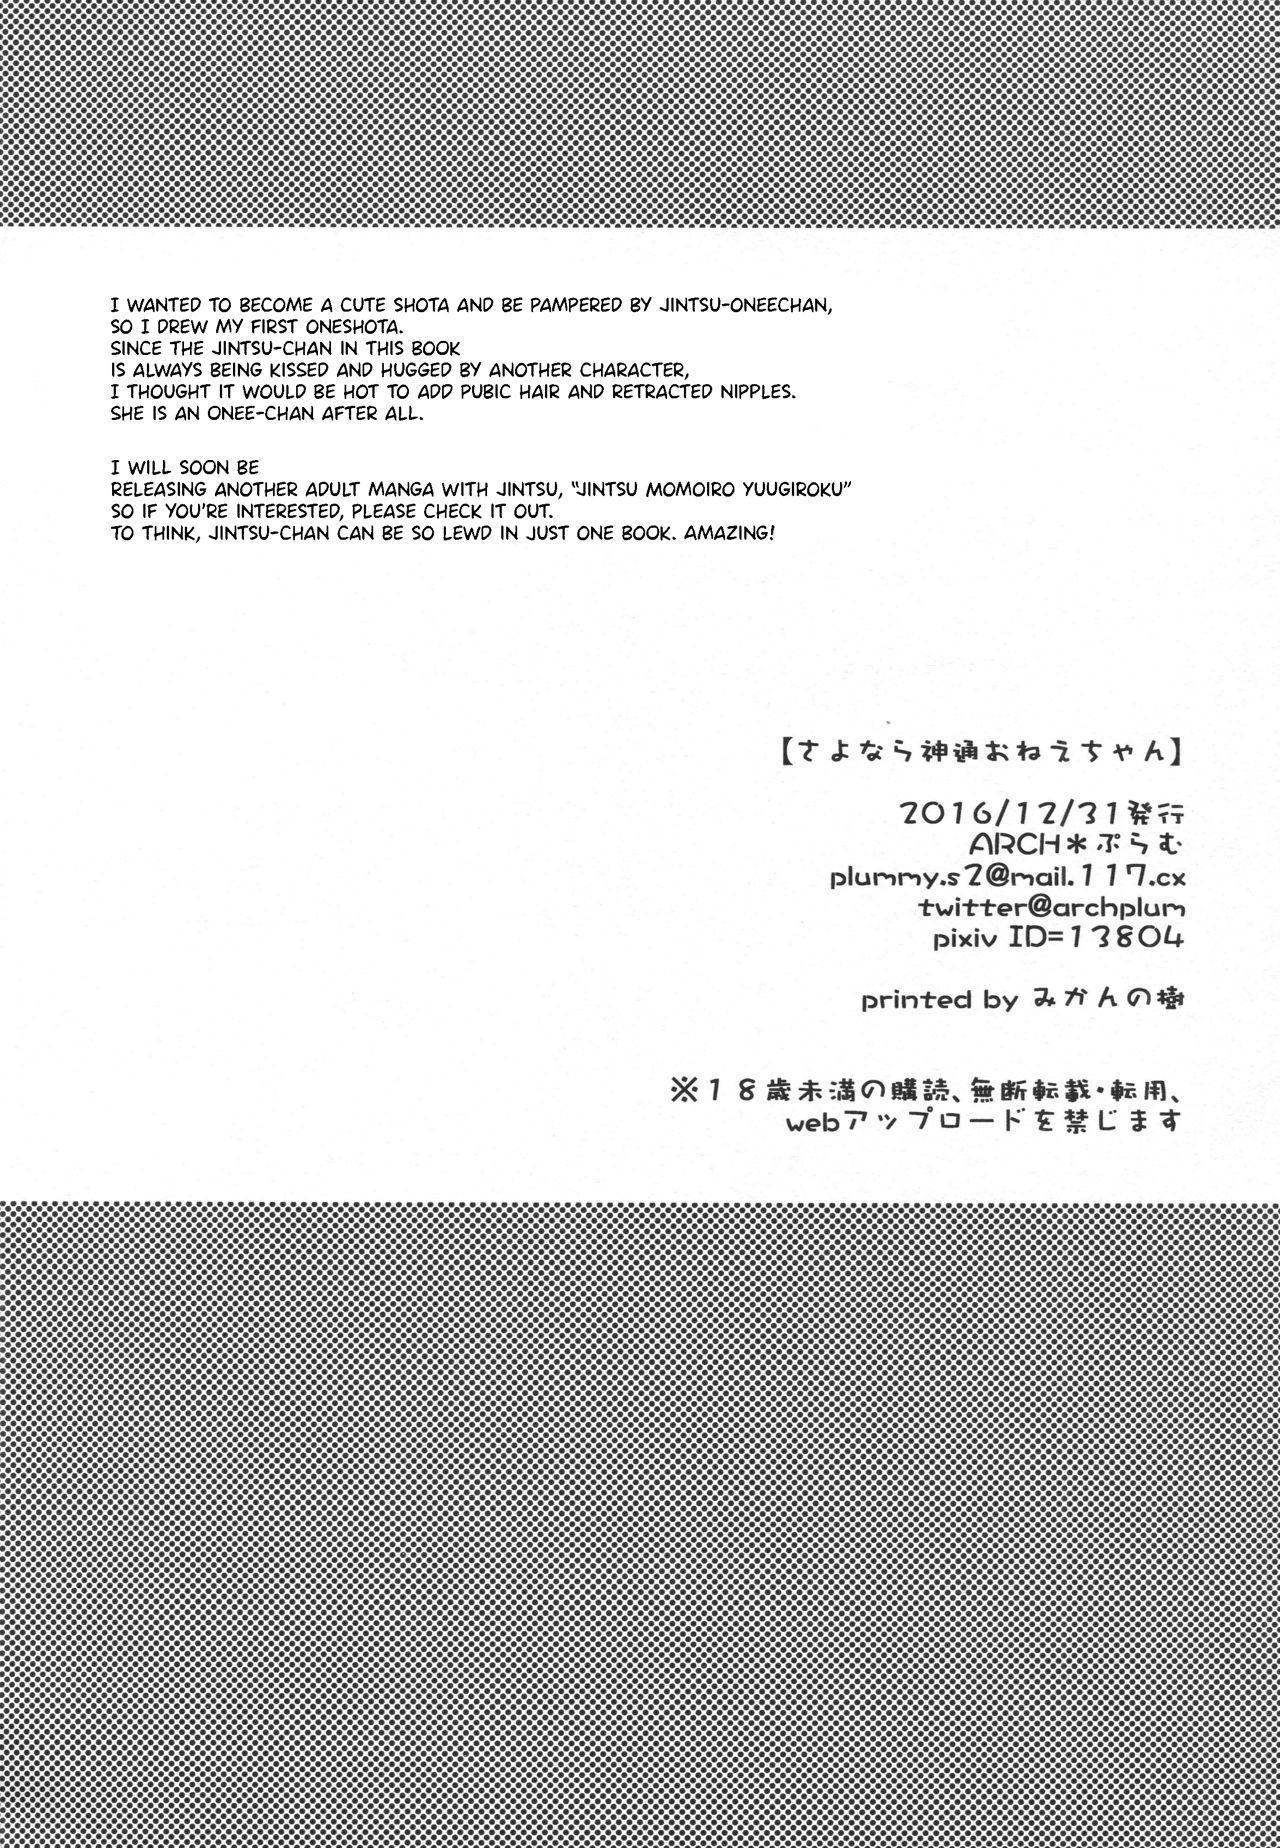 Sayonara Jintsuu Onee-chan | Farewell Jintsu Oneechan 28